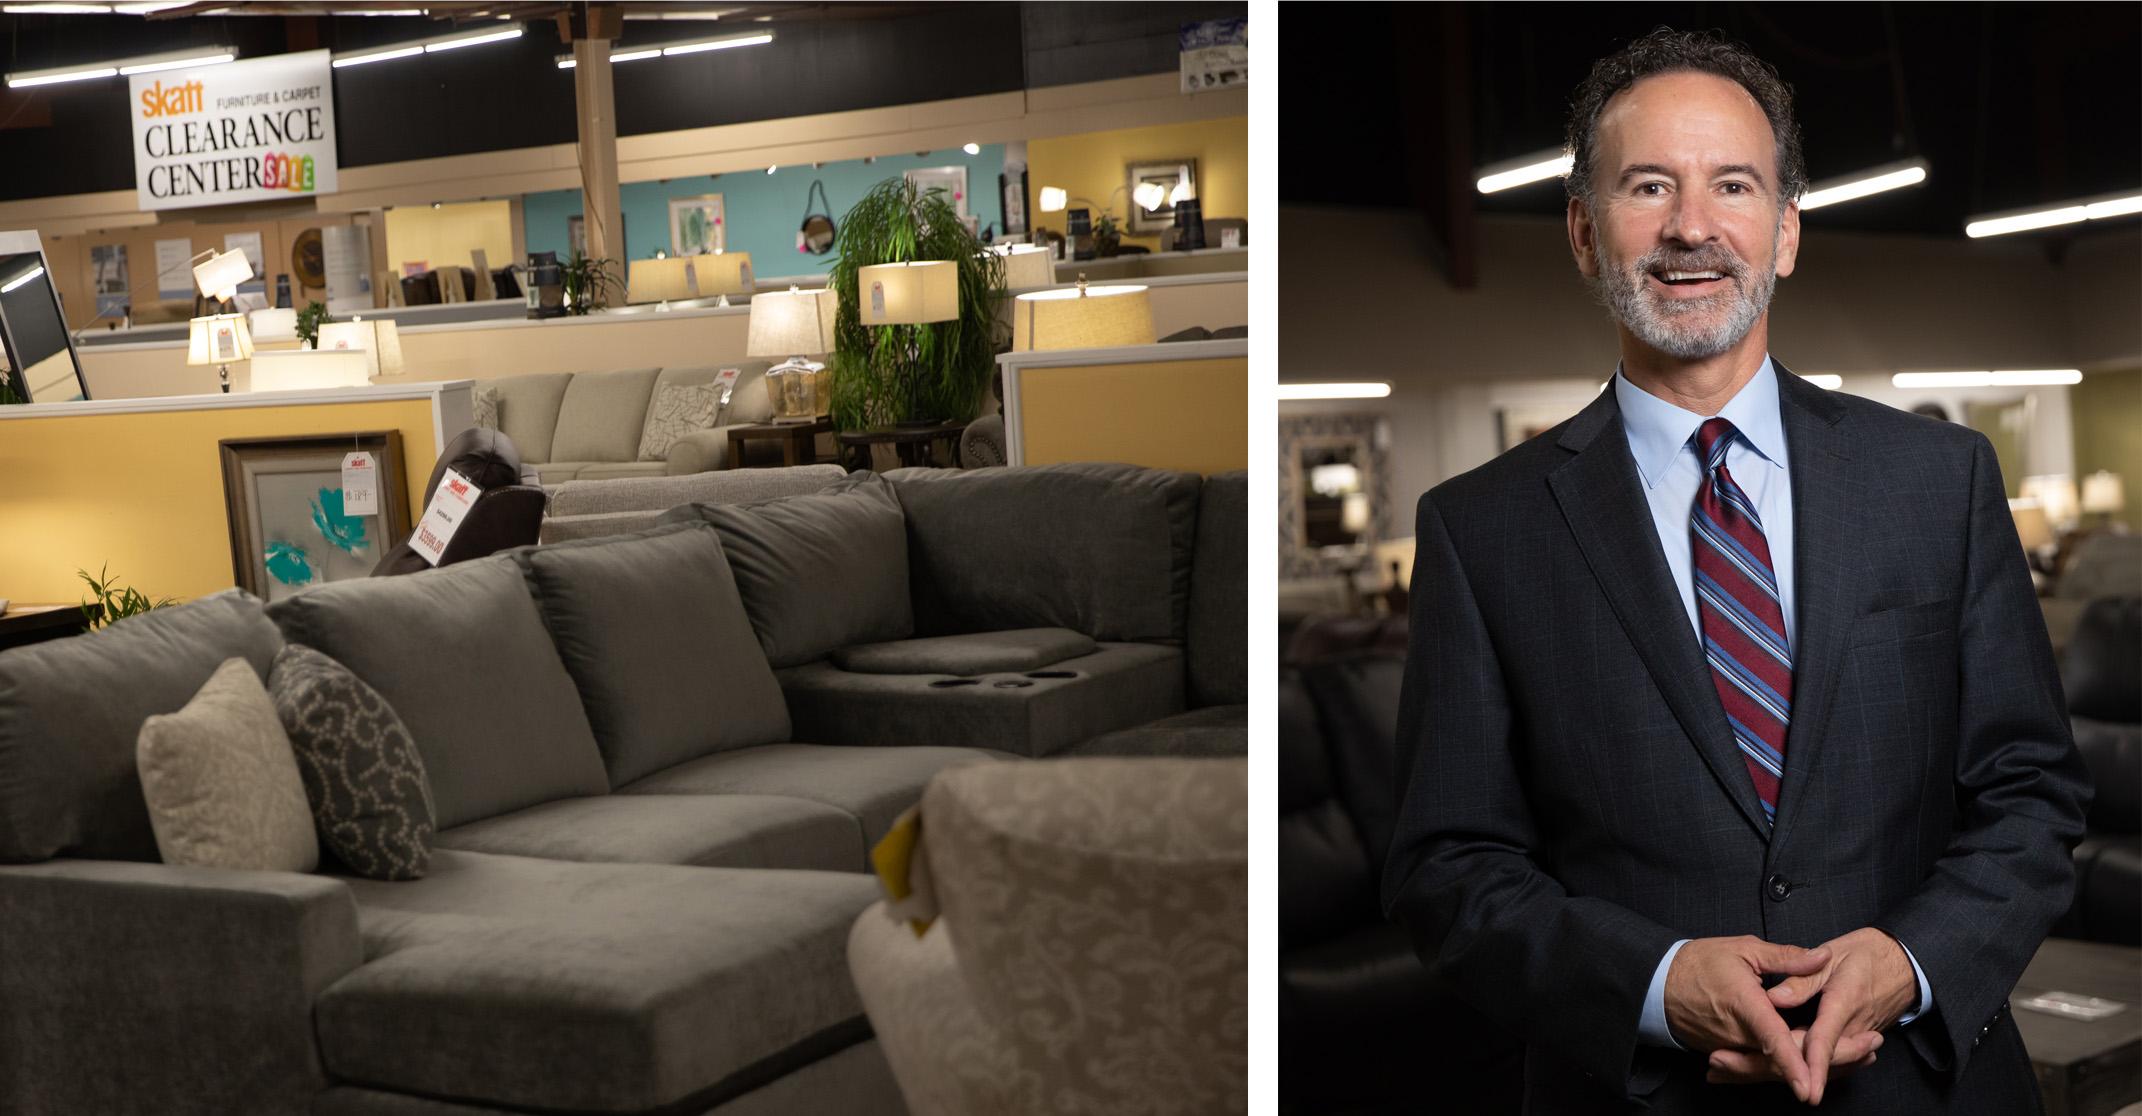 Mike Skaff, co-owner of Skaff Furniture Carpet One in Flint, MI